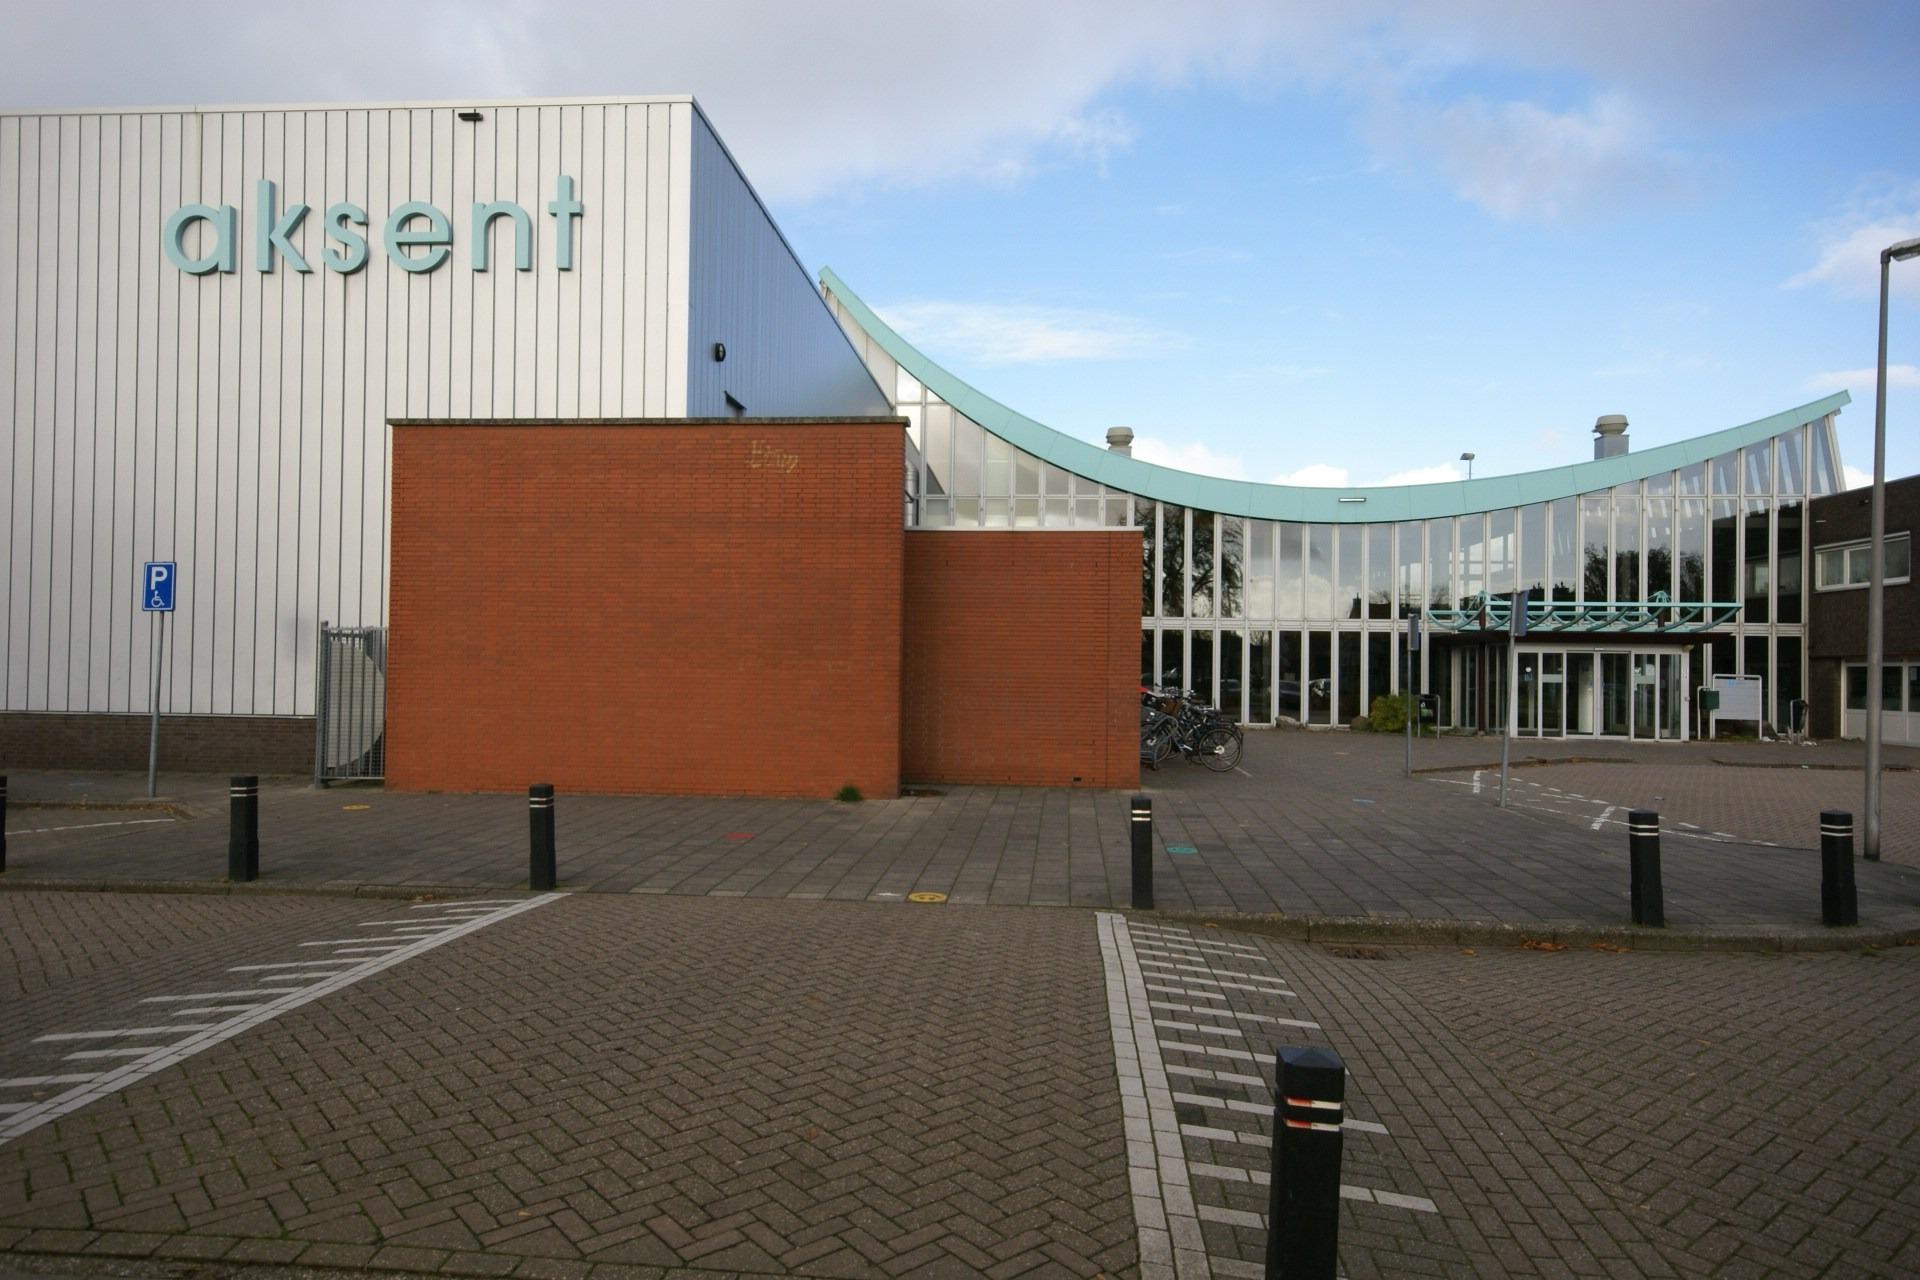 Nieuweland